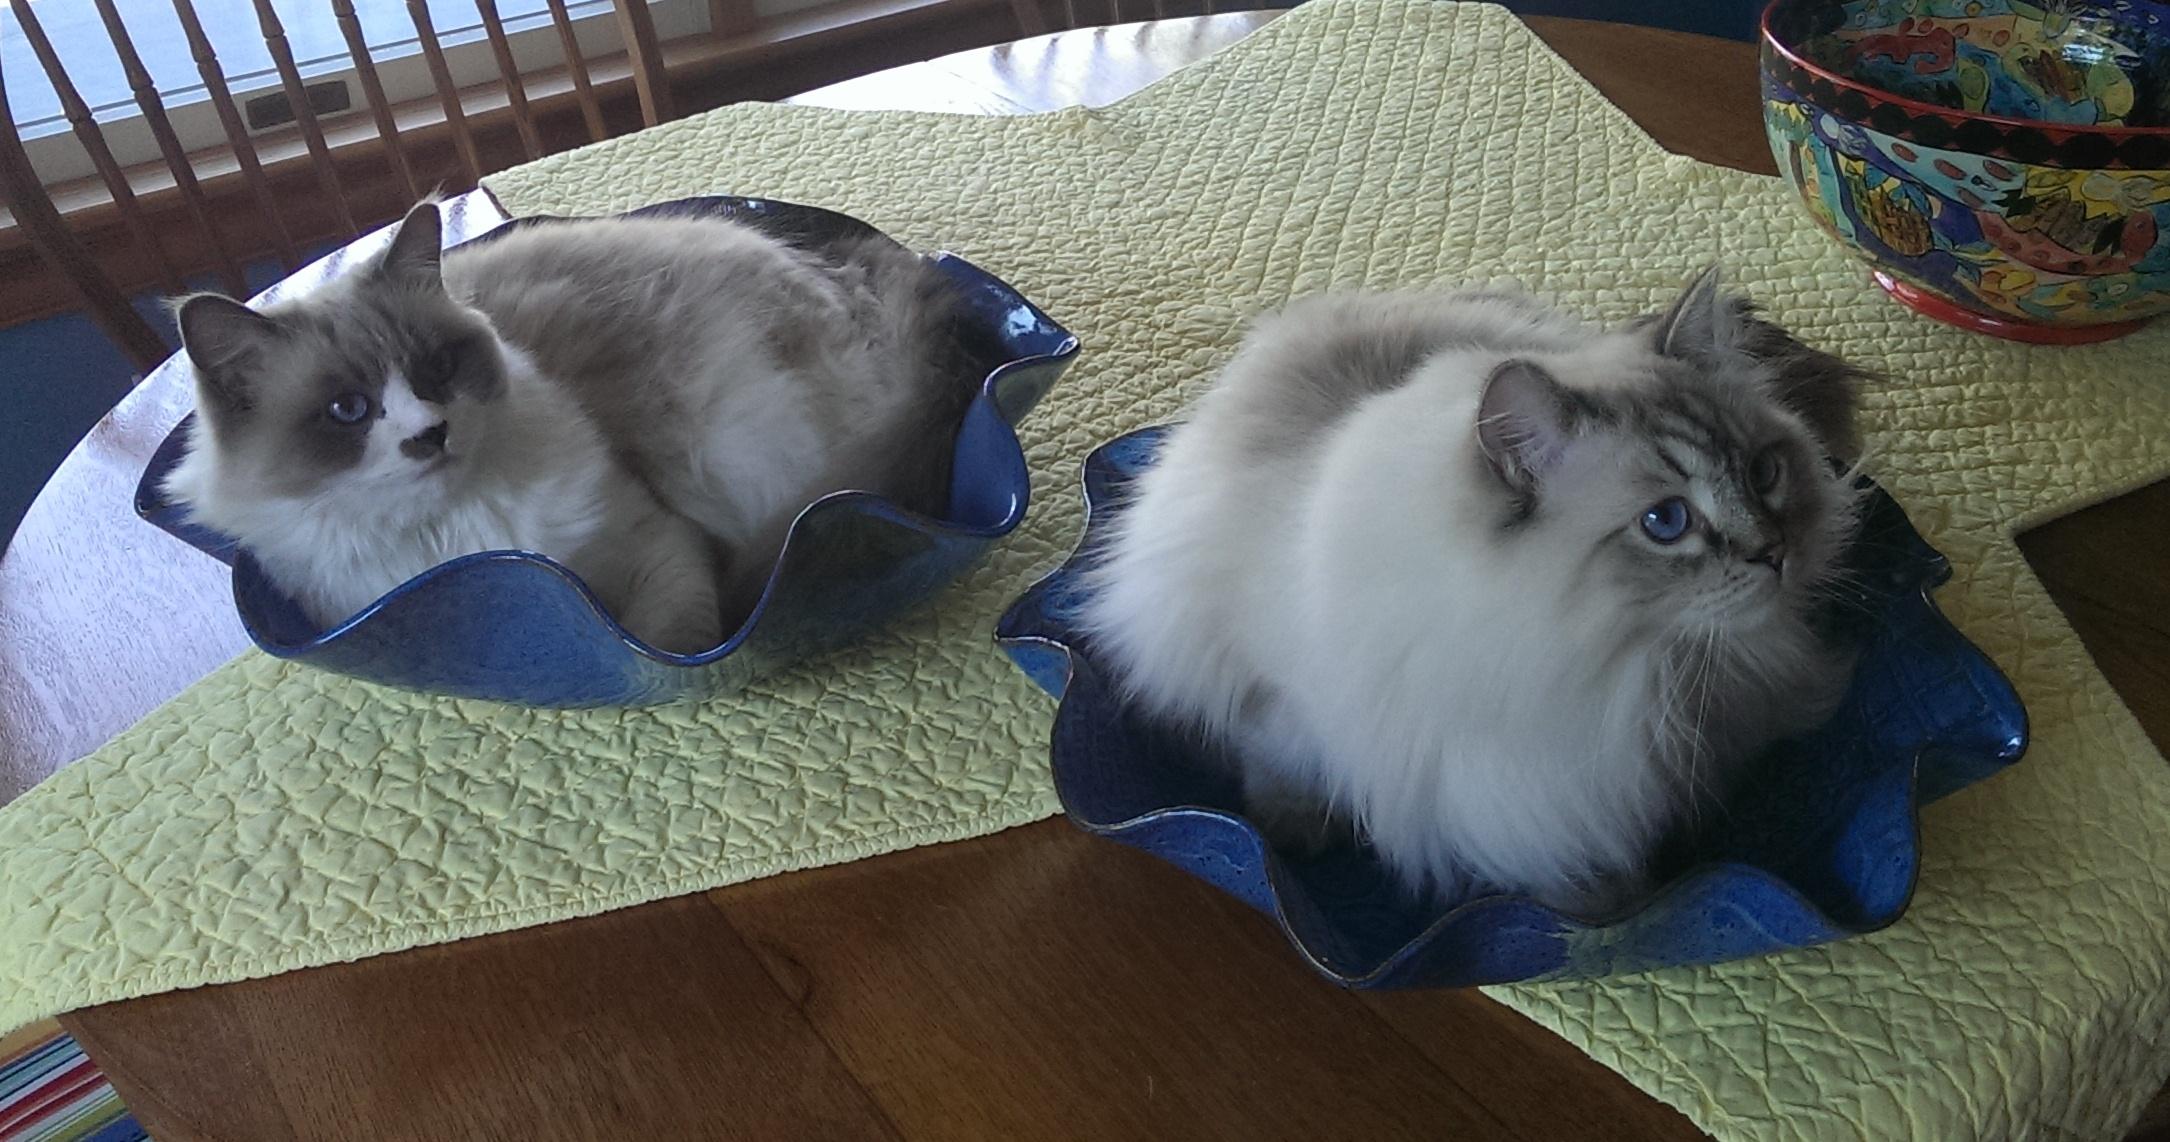 Cats in wavy blue pots